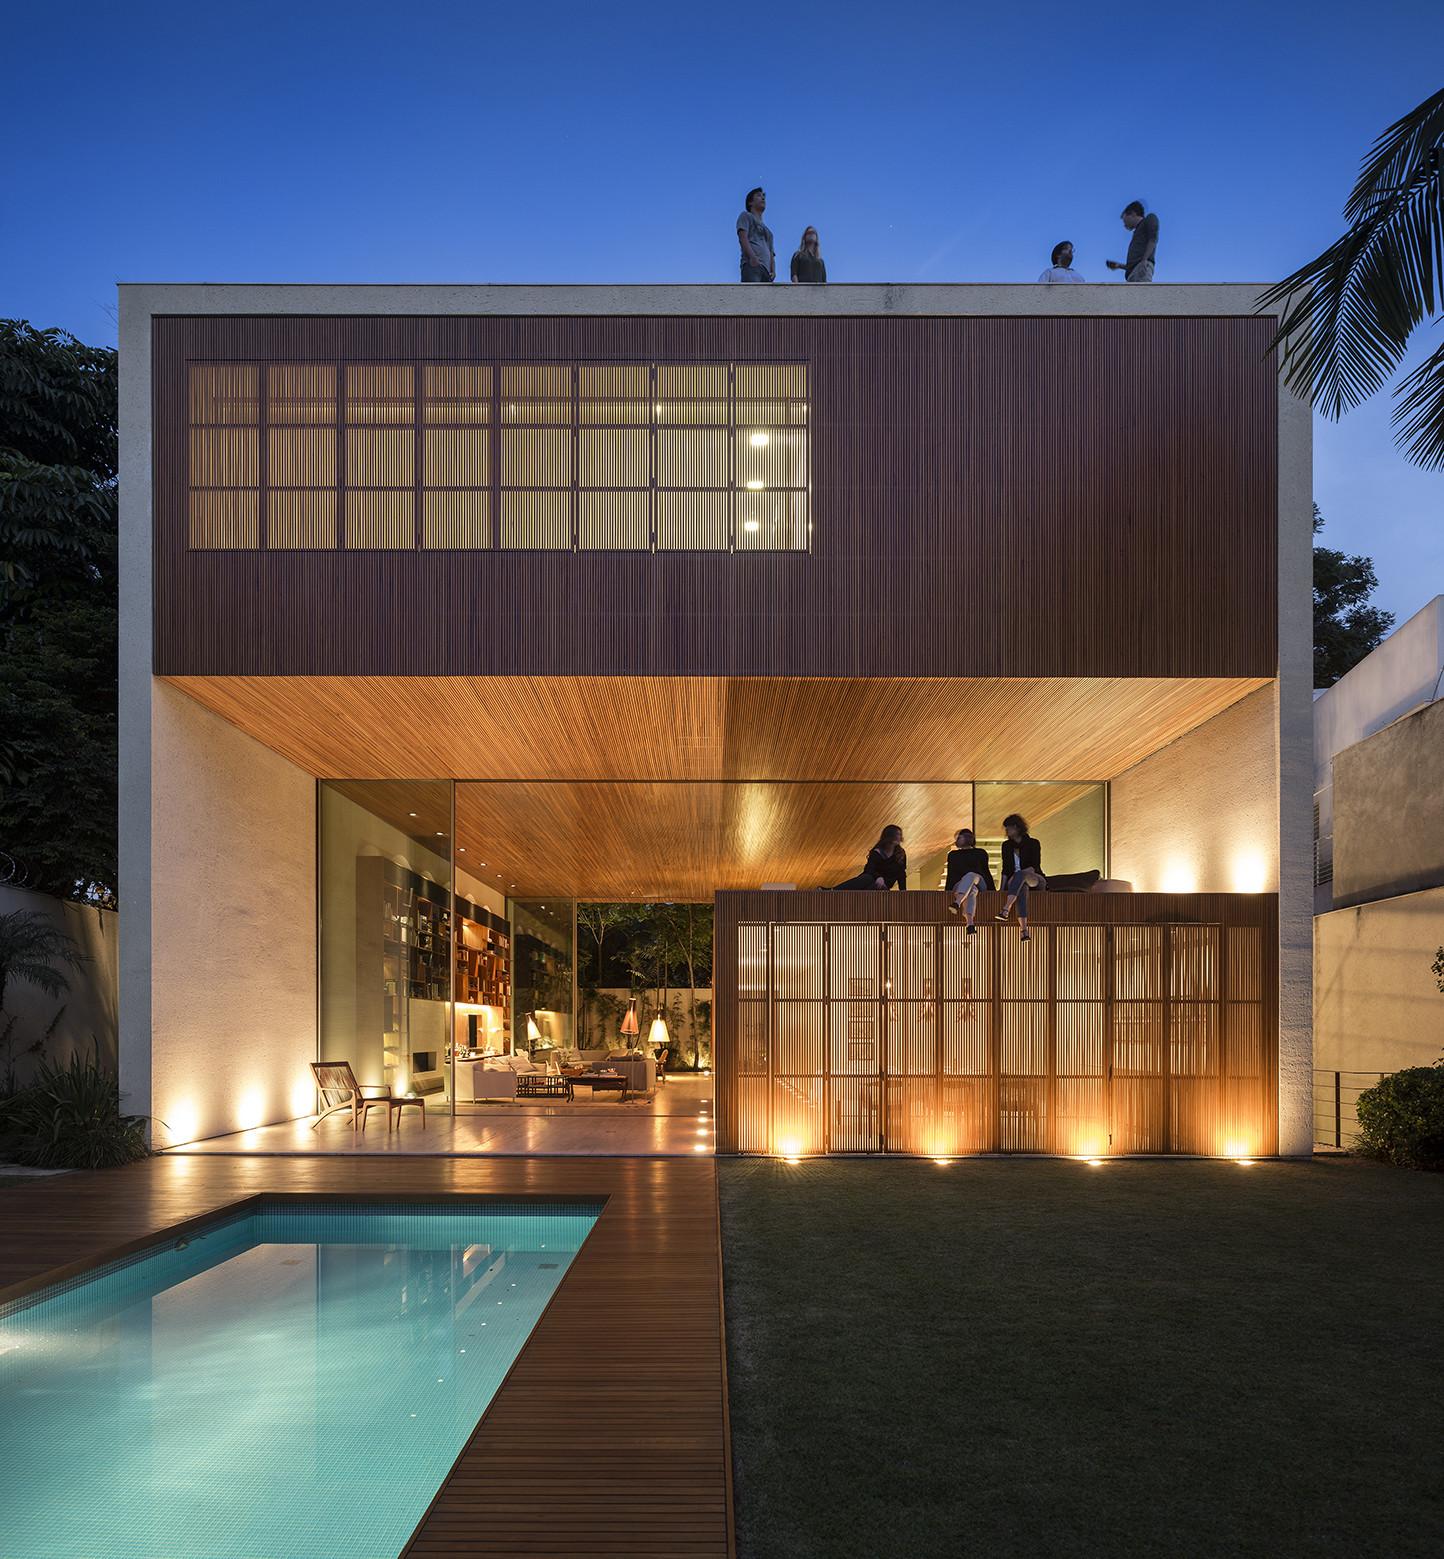 Casa Tetris / Studio MK27 - Marcio Kogan + Carolina Castroviejo